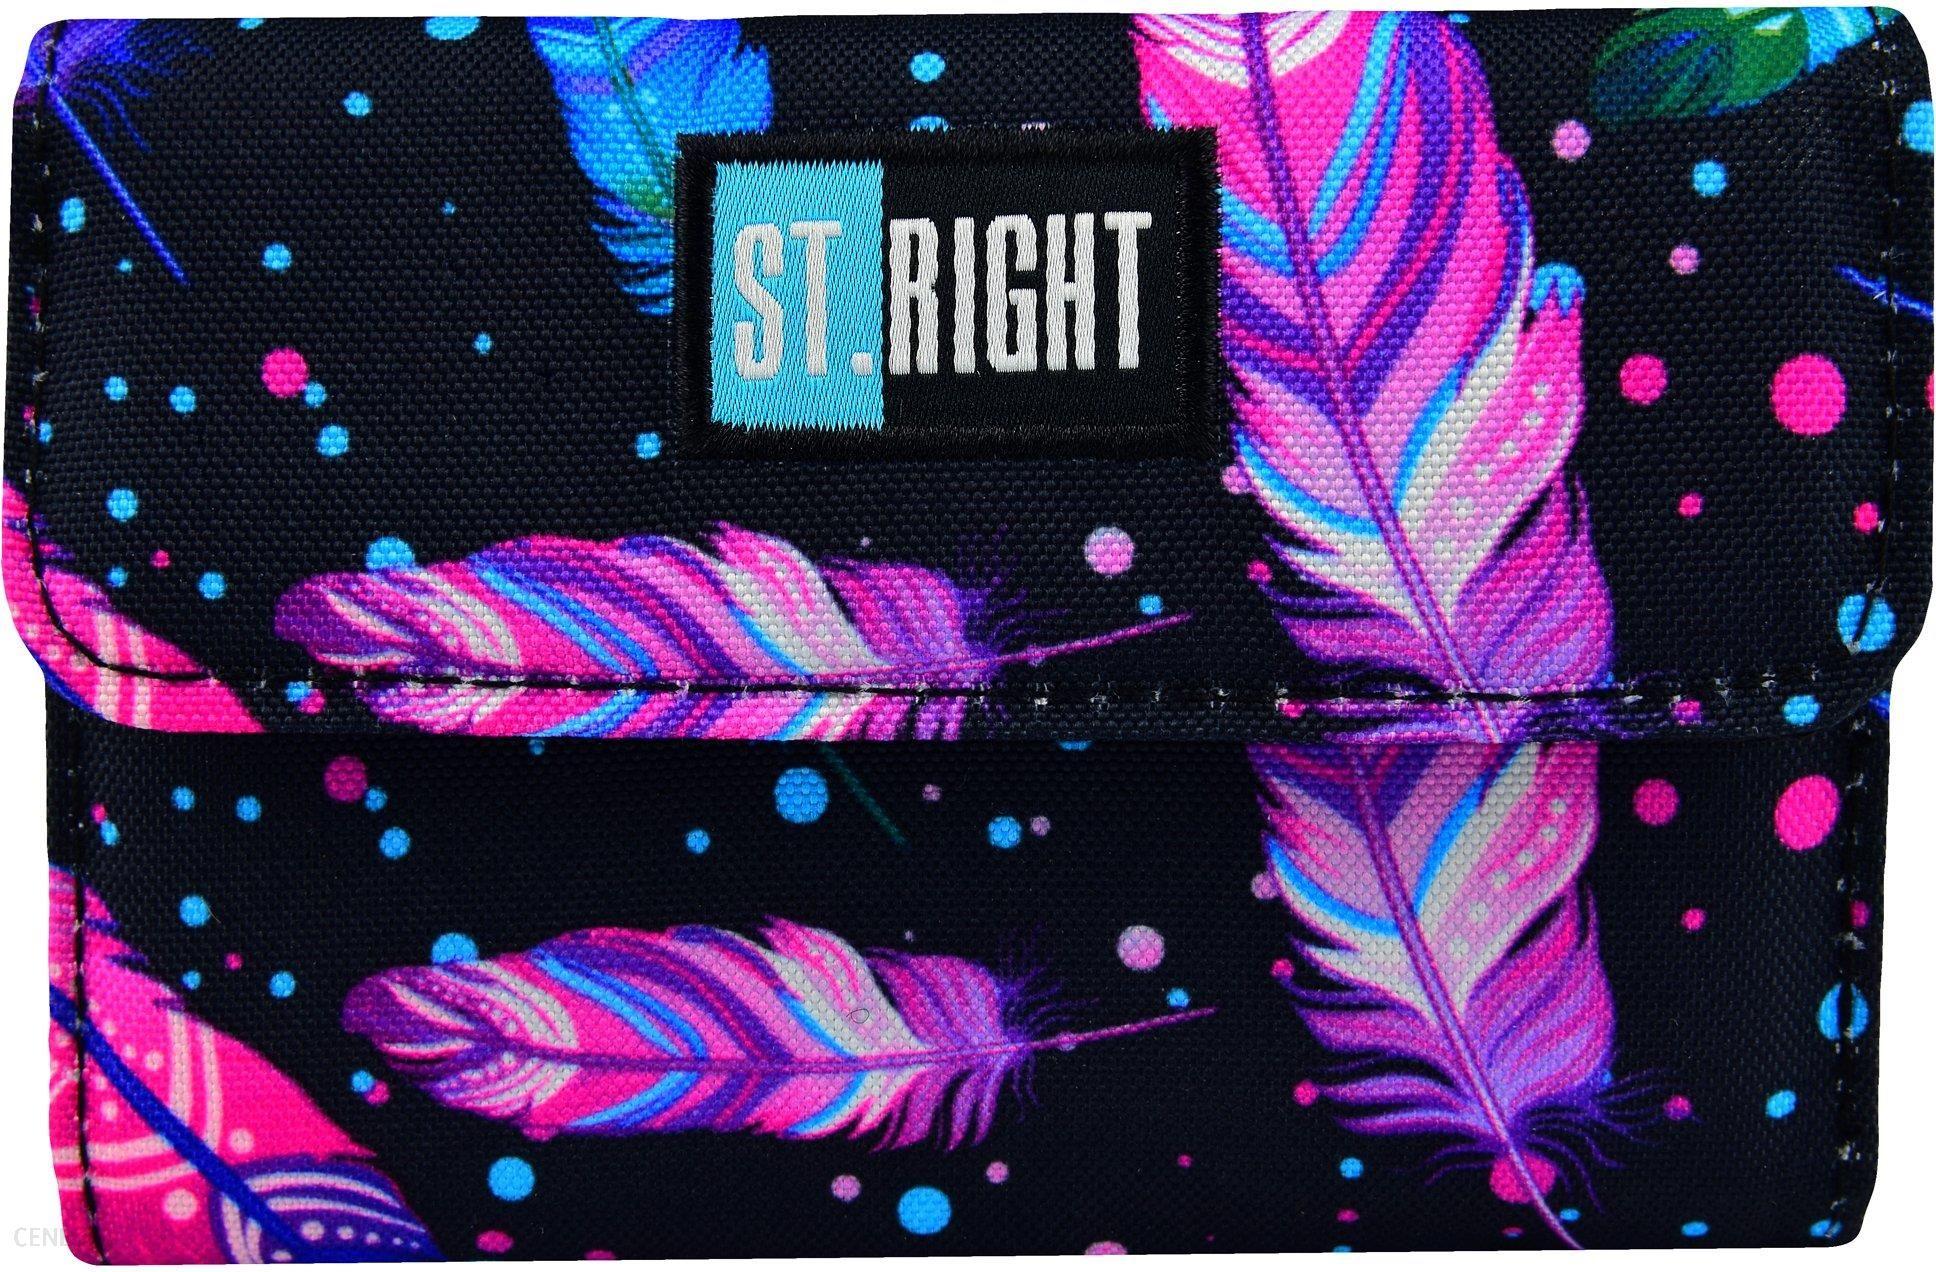 a8a81165e0545 Portfel dla dziecka portfelik St.Right Feathers - Ceny i opinie ...